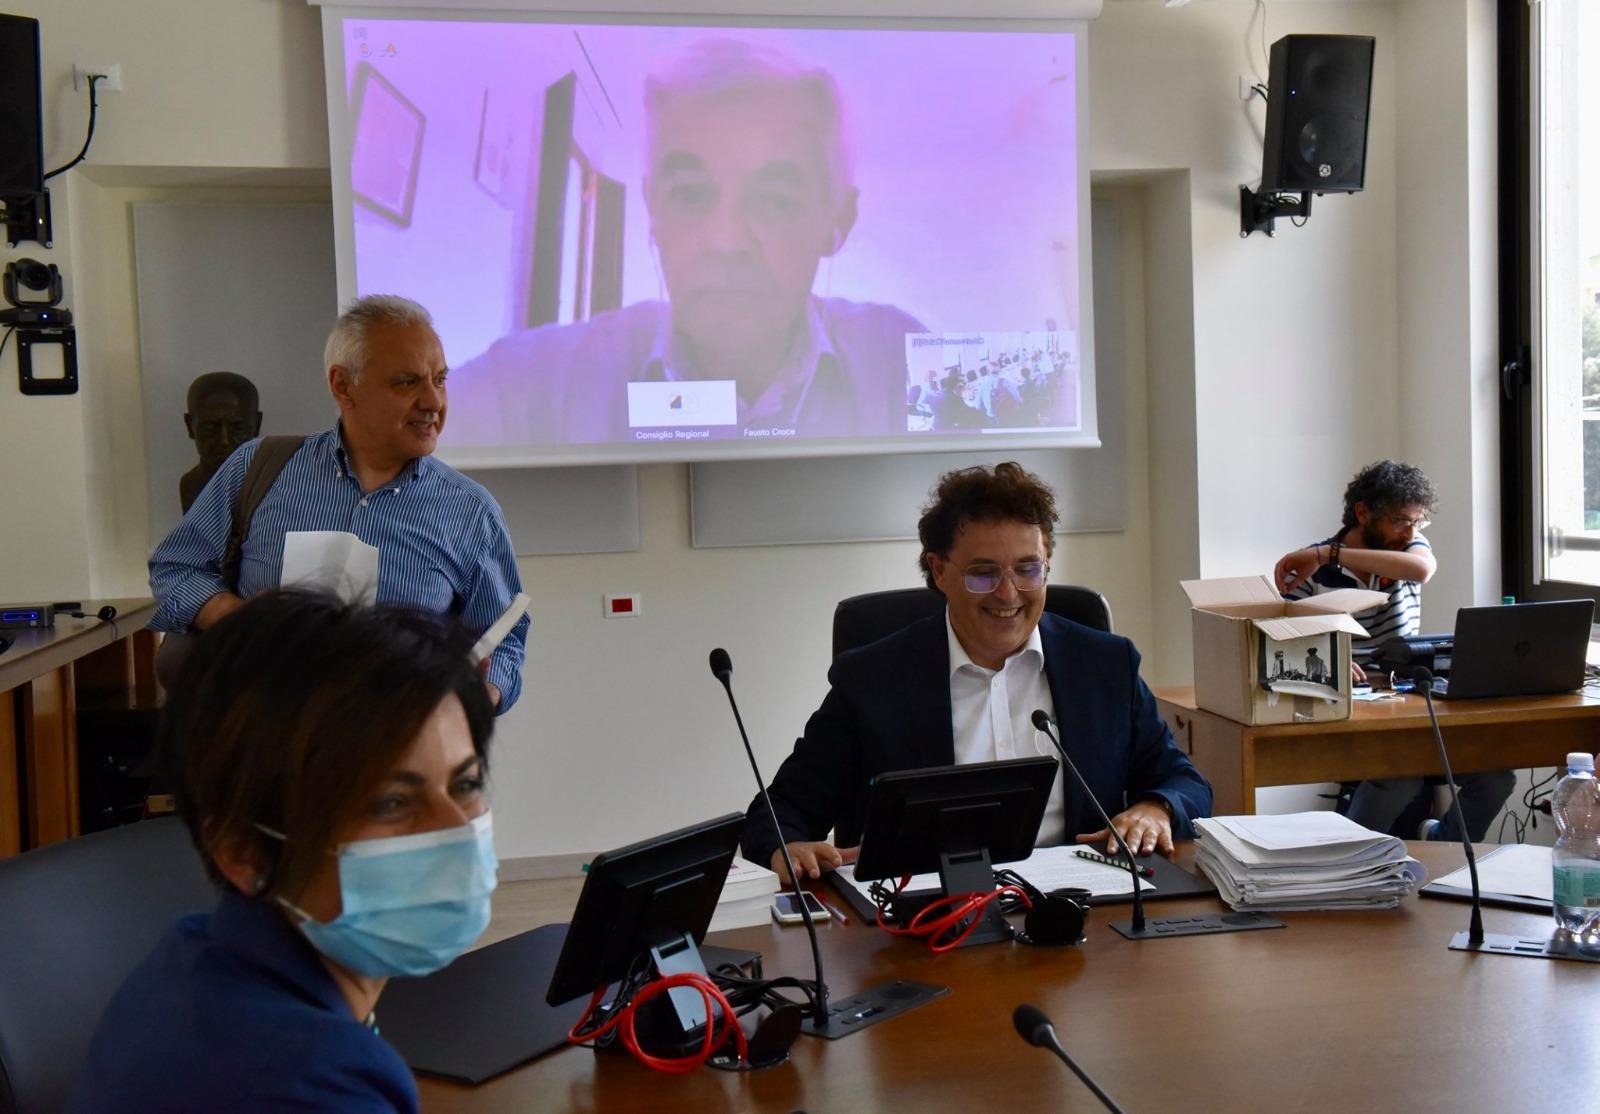 """Blasioli su seduta odierna Commissione Sin di Bussi: """"I dati biologici ed epidemiologici confermano l'inquinamento. Bisogna agire e monitorare la situazione ad oggi"""""""